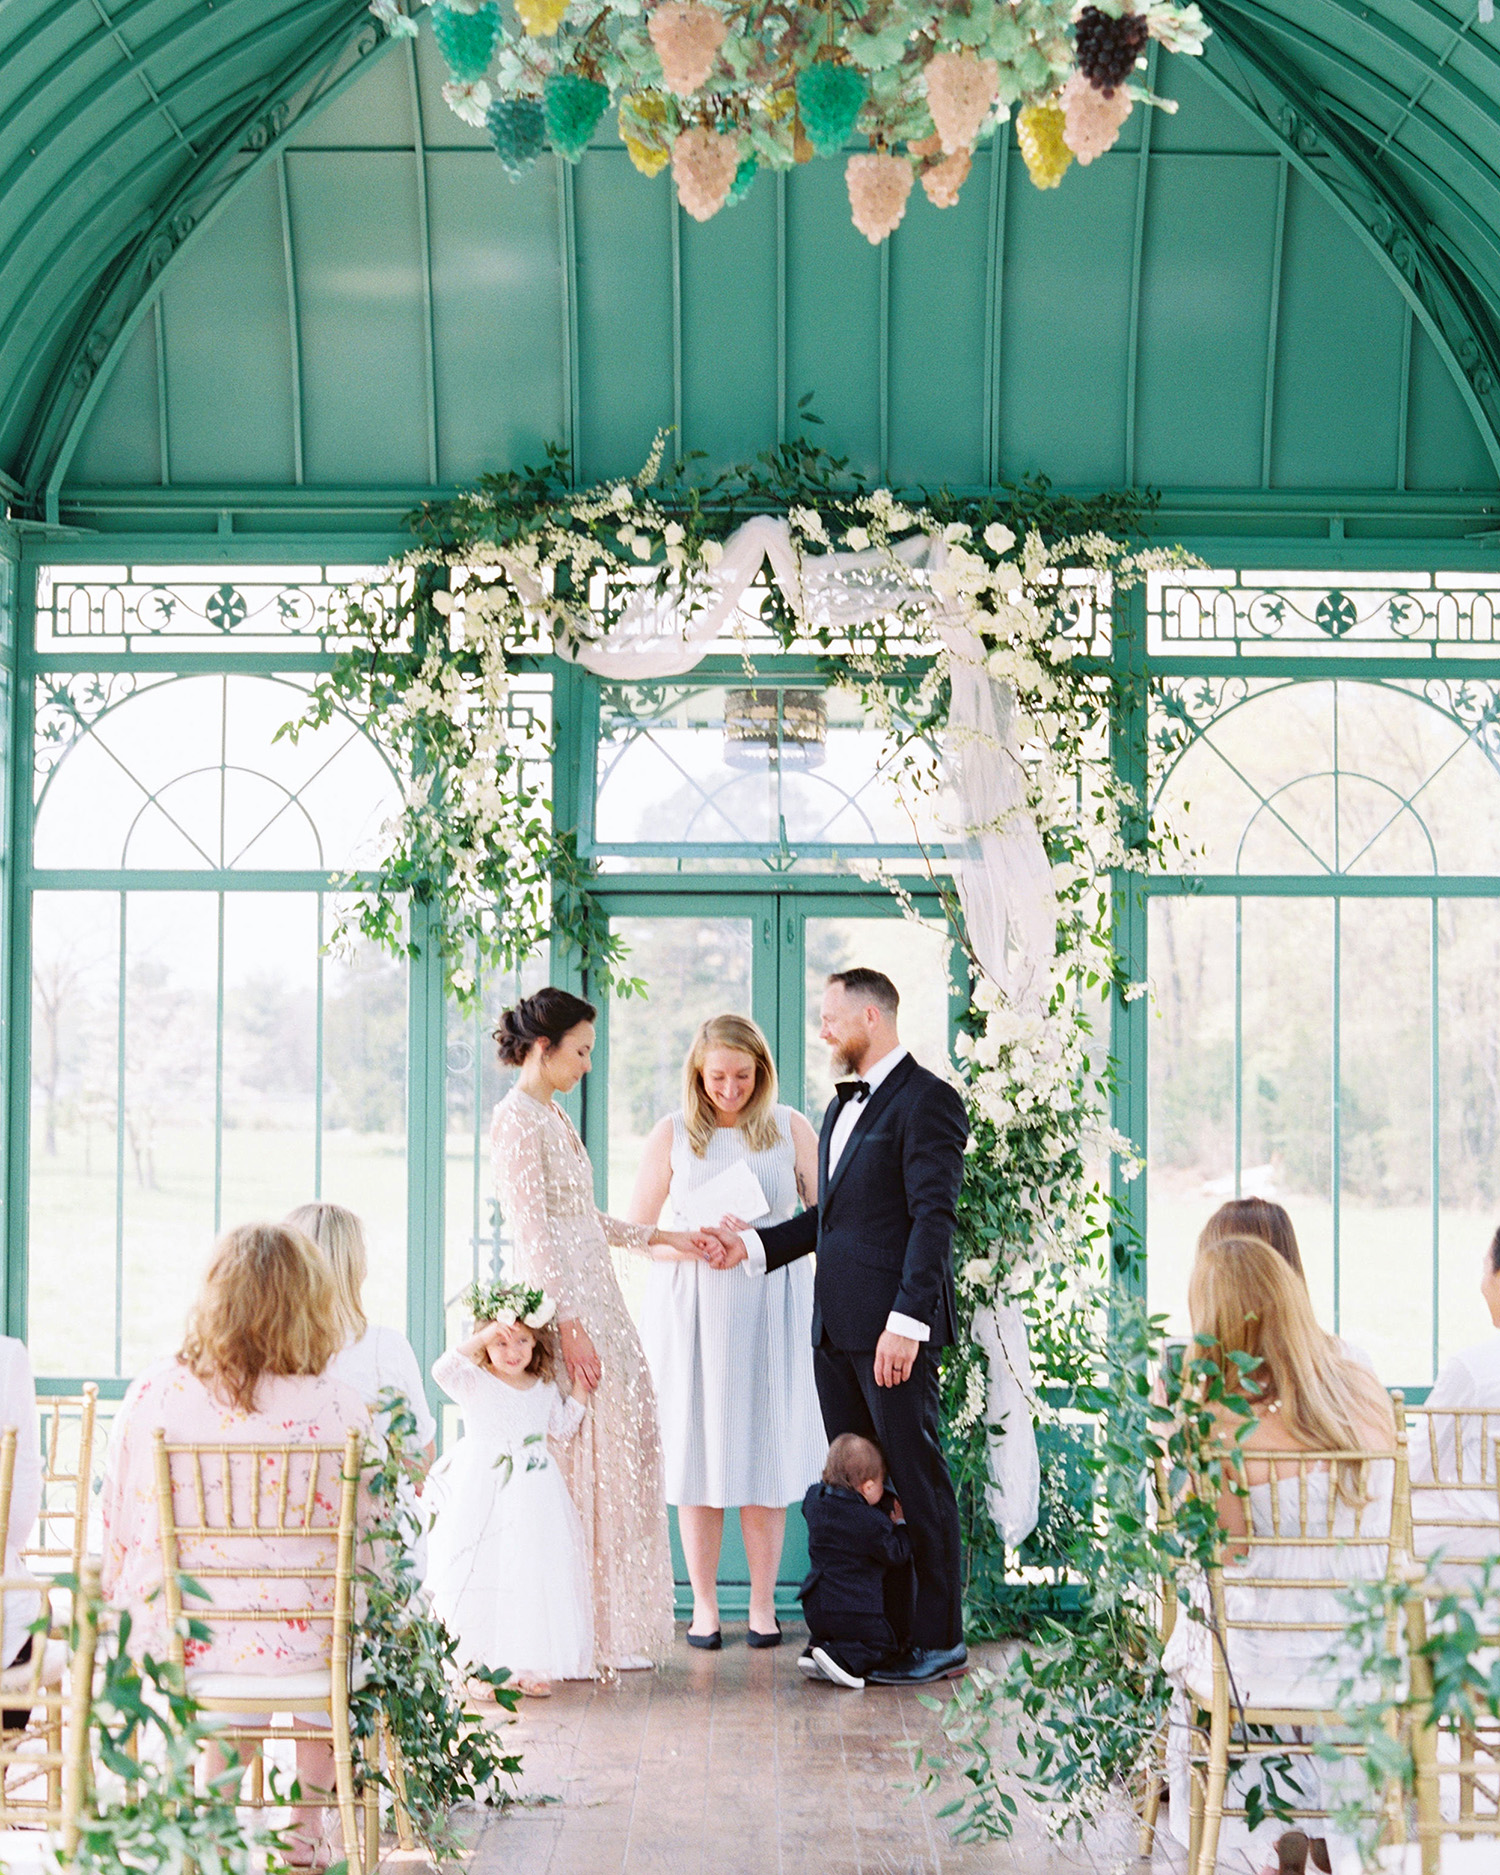 evan dustin vow renewal ceremony bride groom